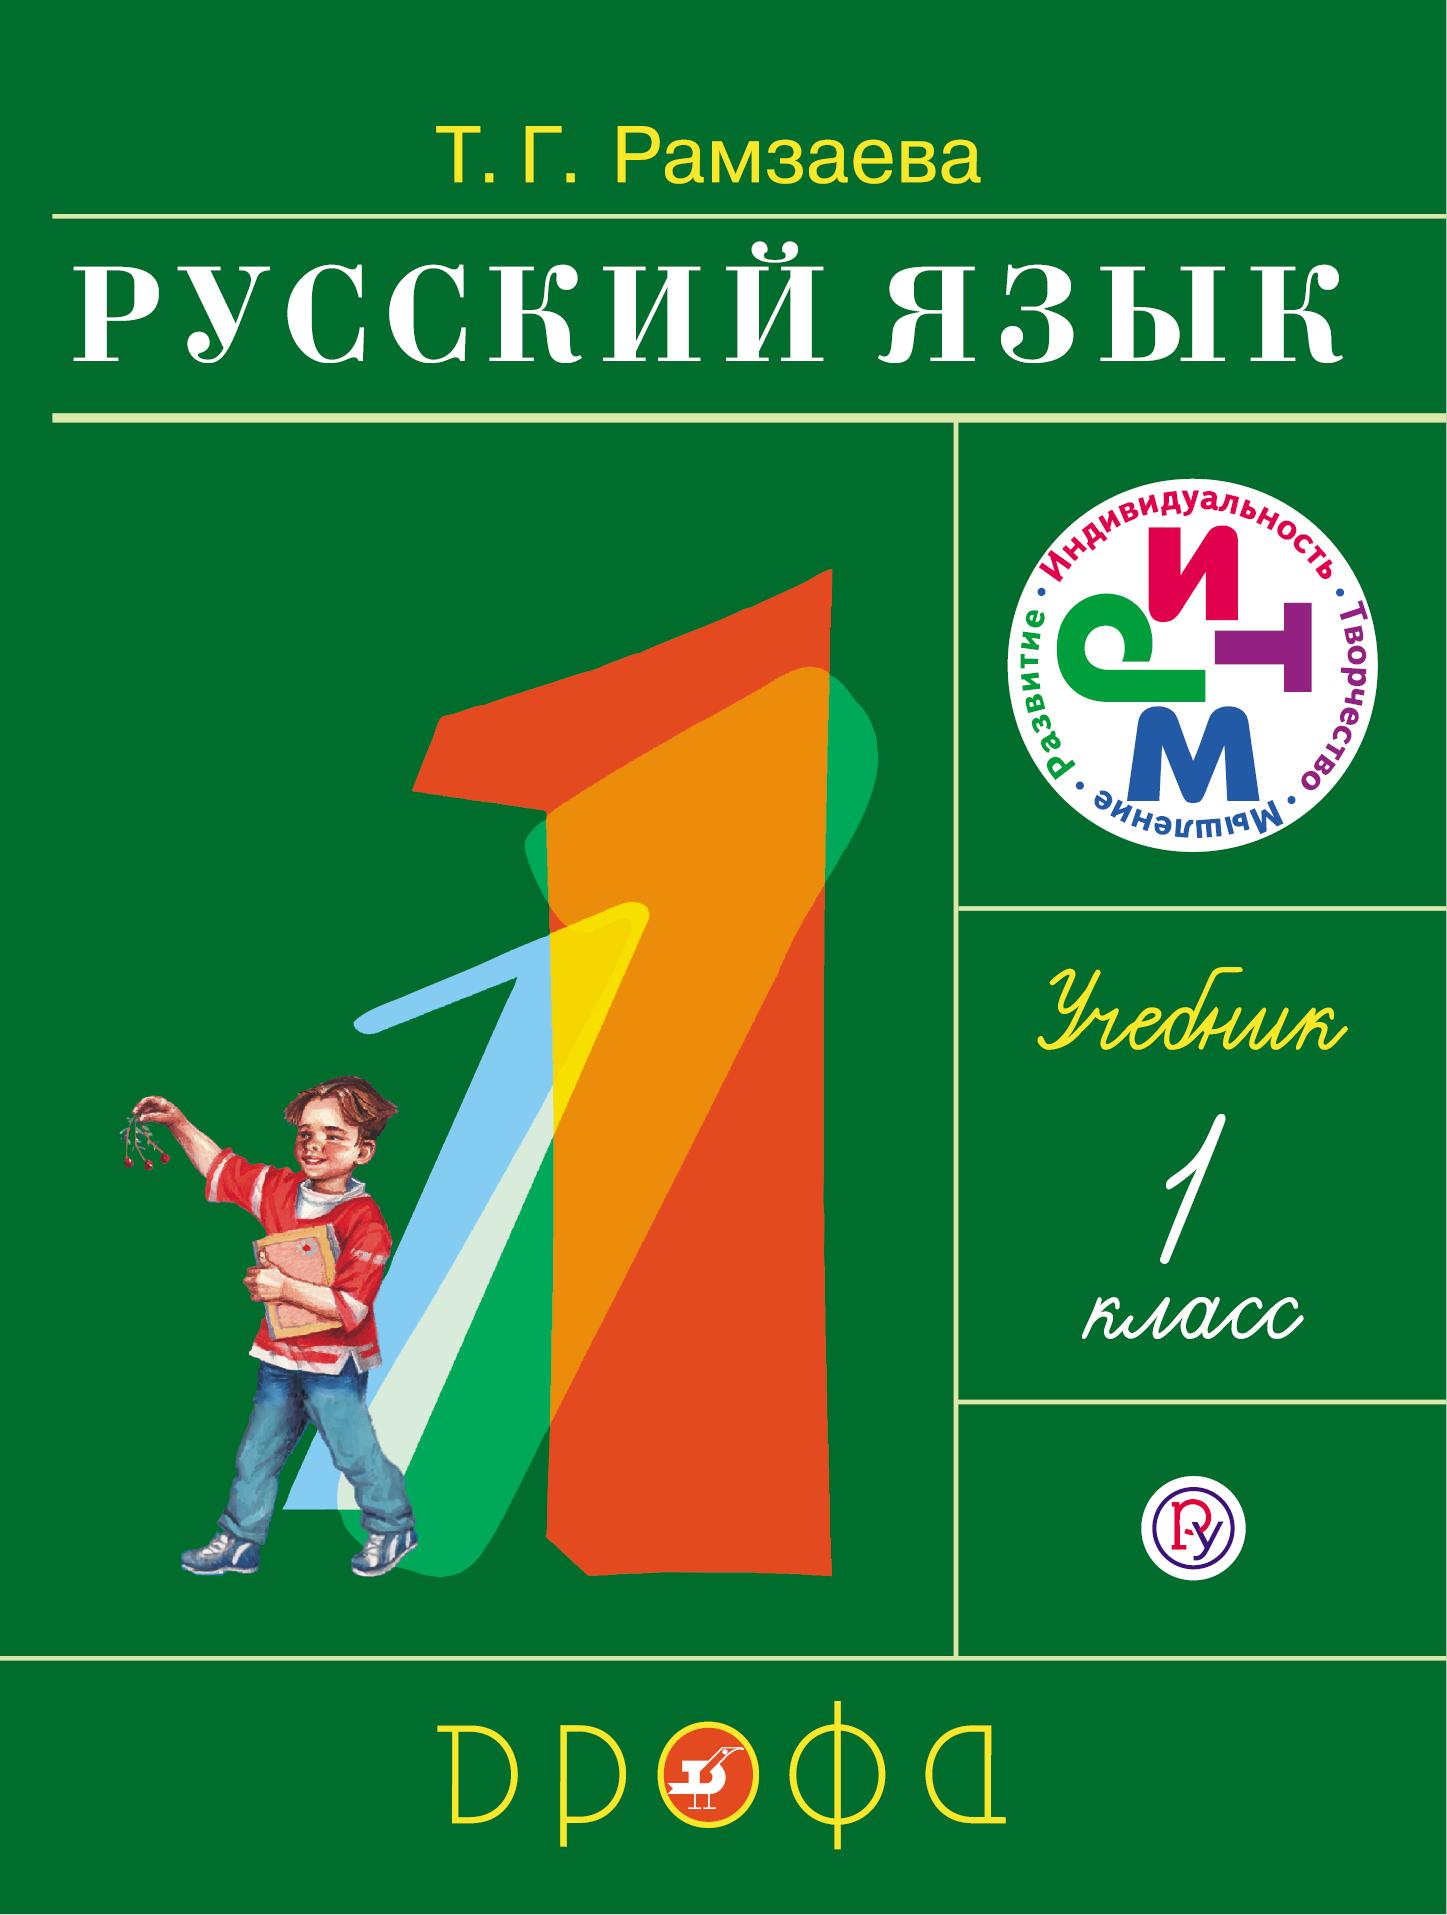 Источник: Рамзаева Т.Г.. Русский язык.1 кл. Учебник. РИТМ